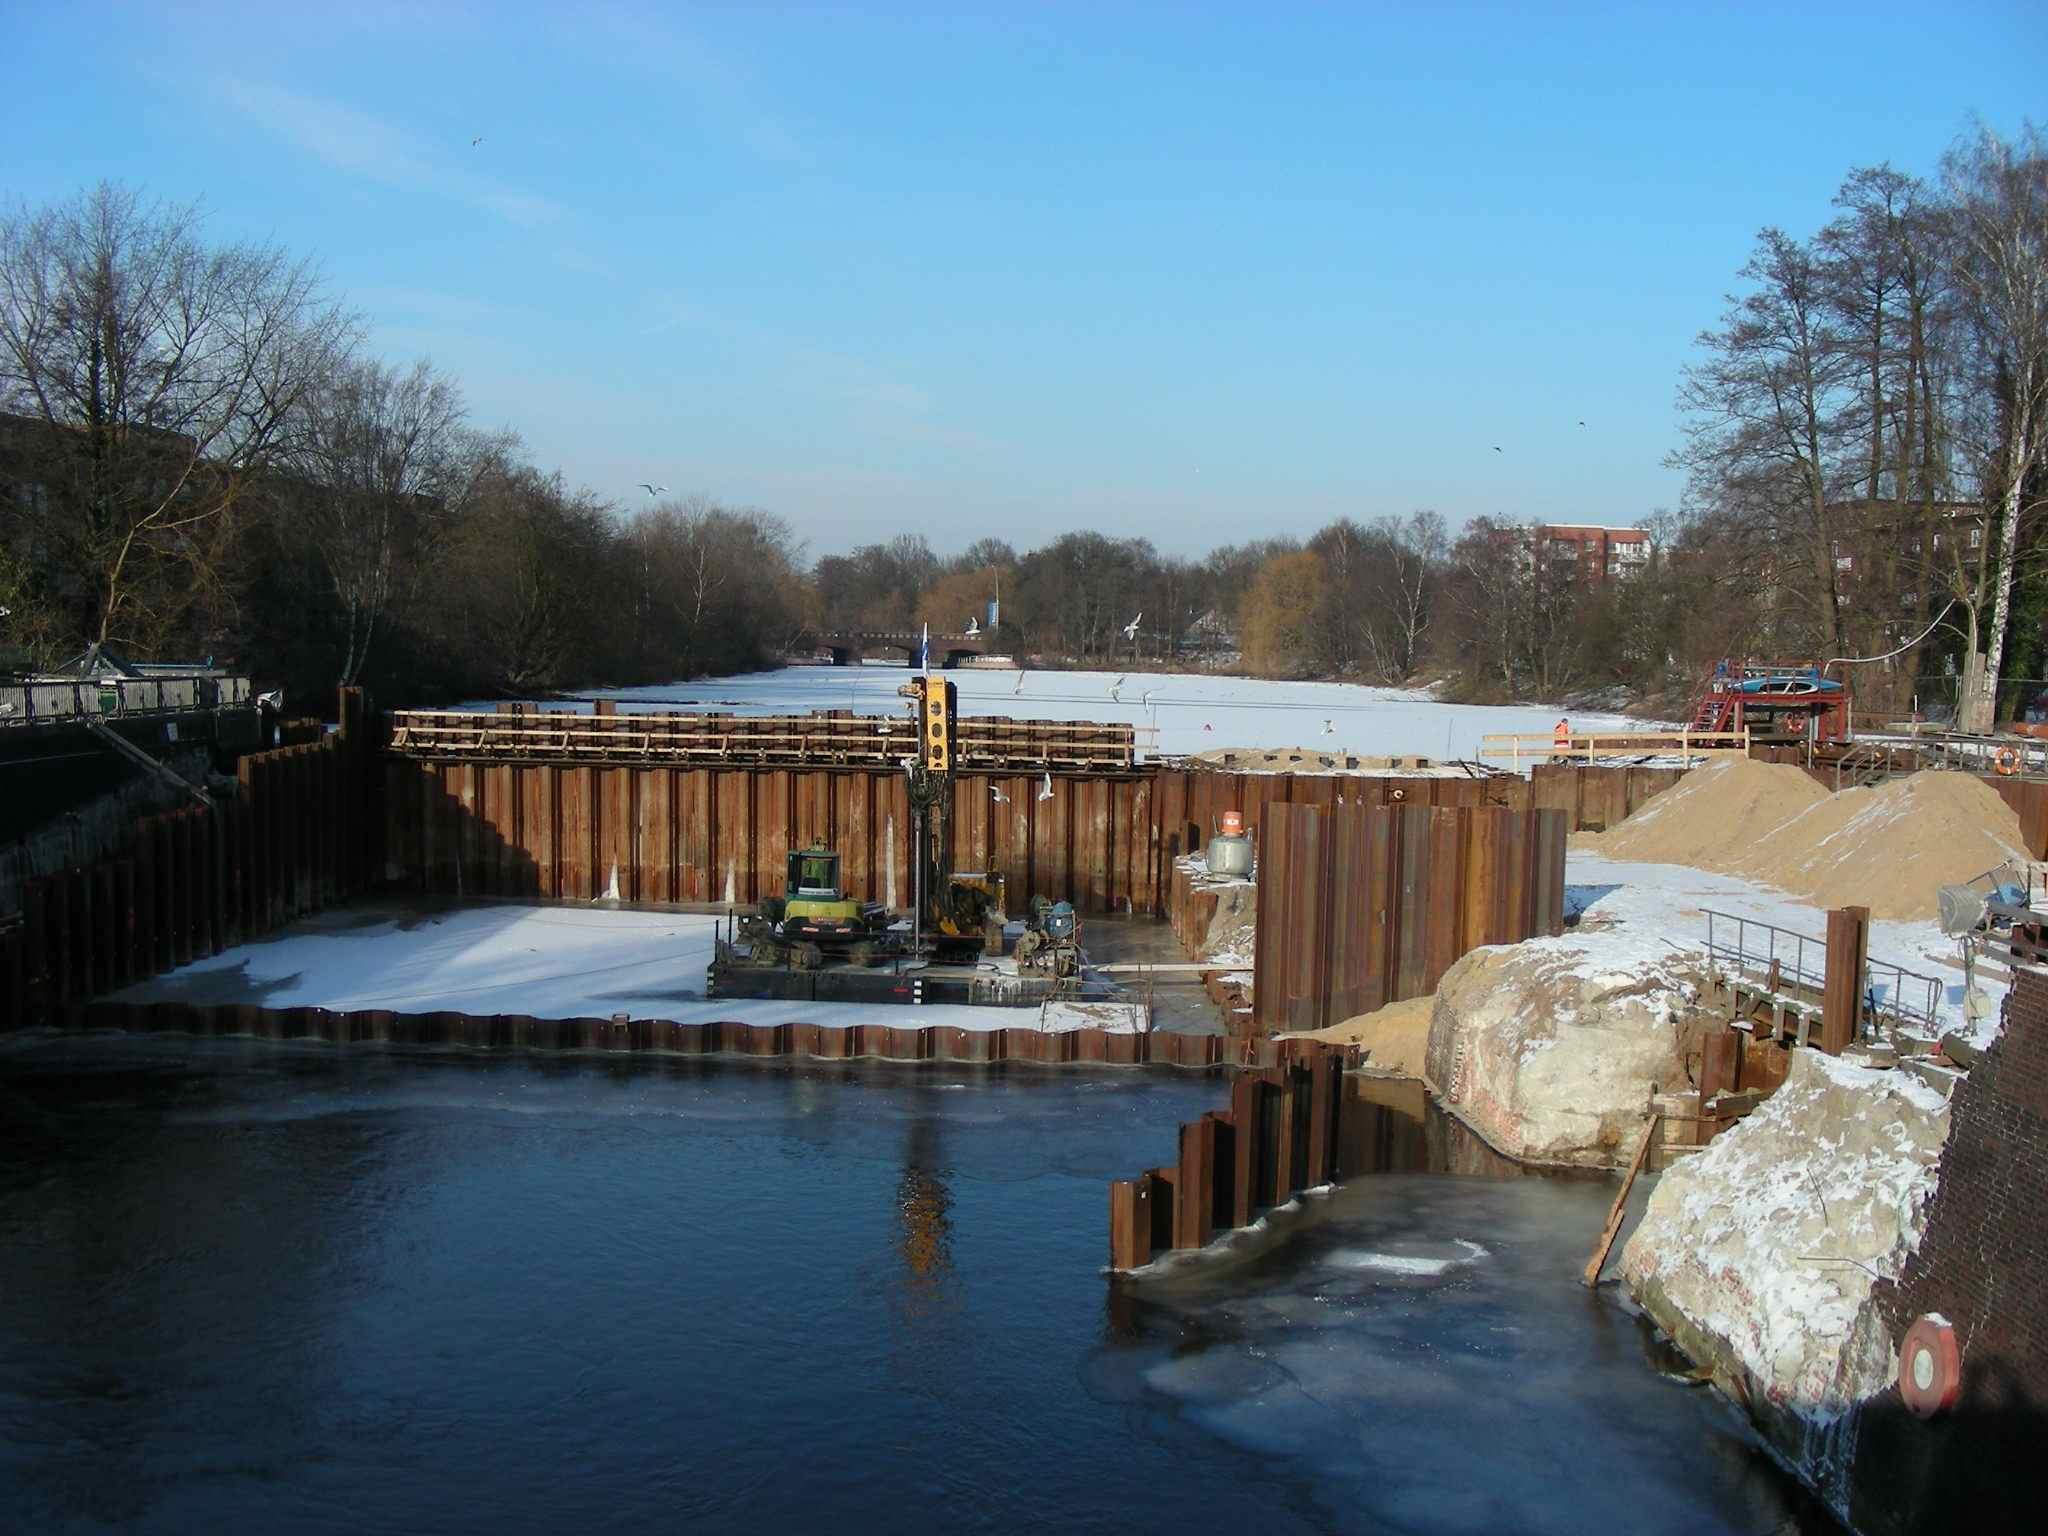 Baustelle Fuhlsbüttler Schleuse am 06.02.2012.